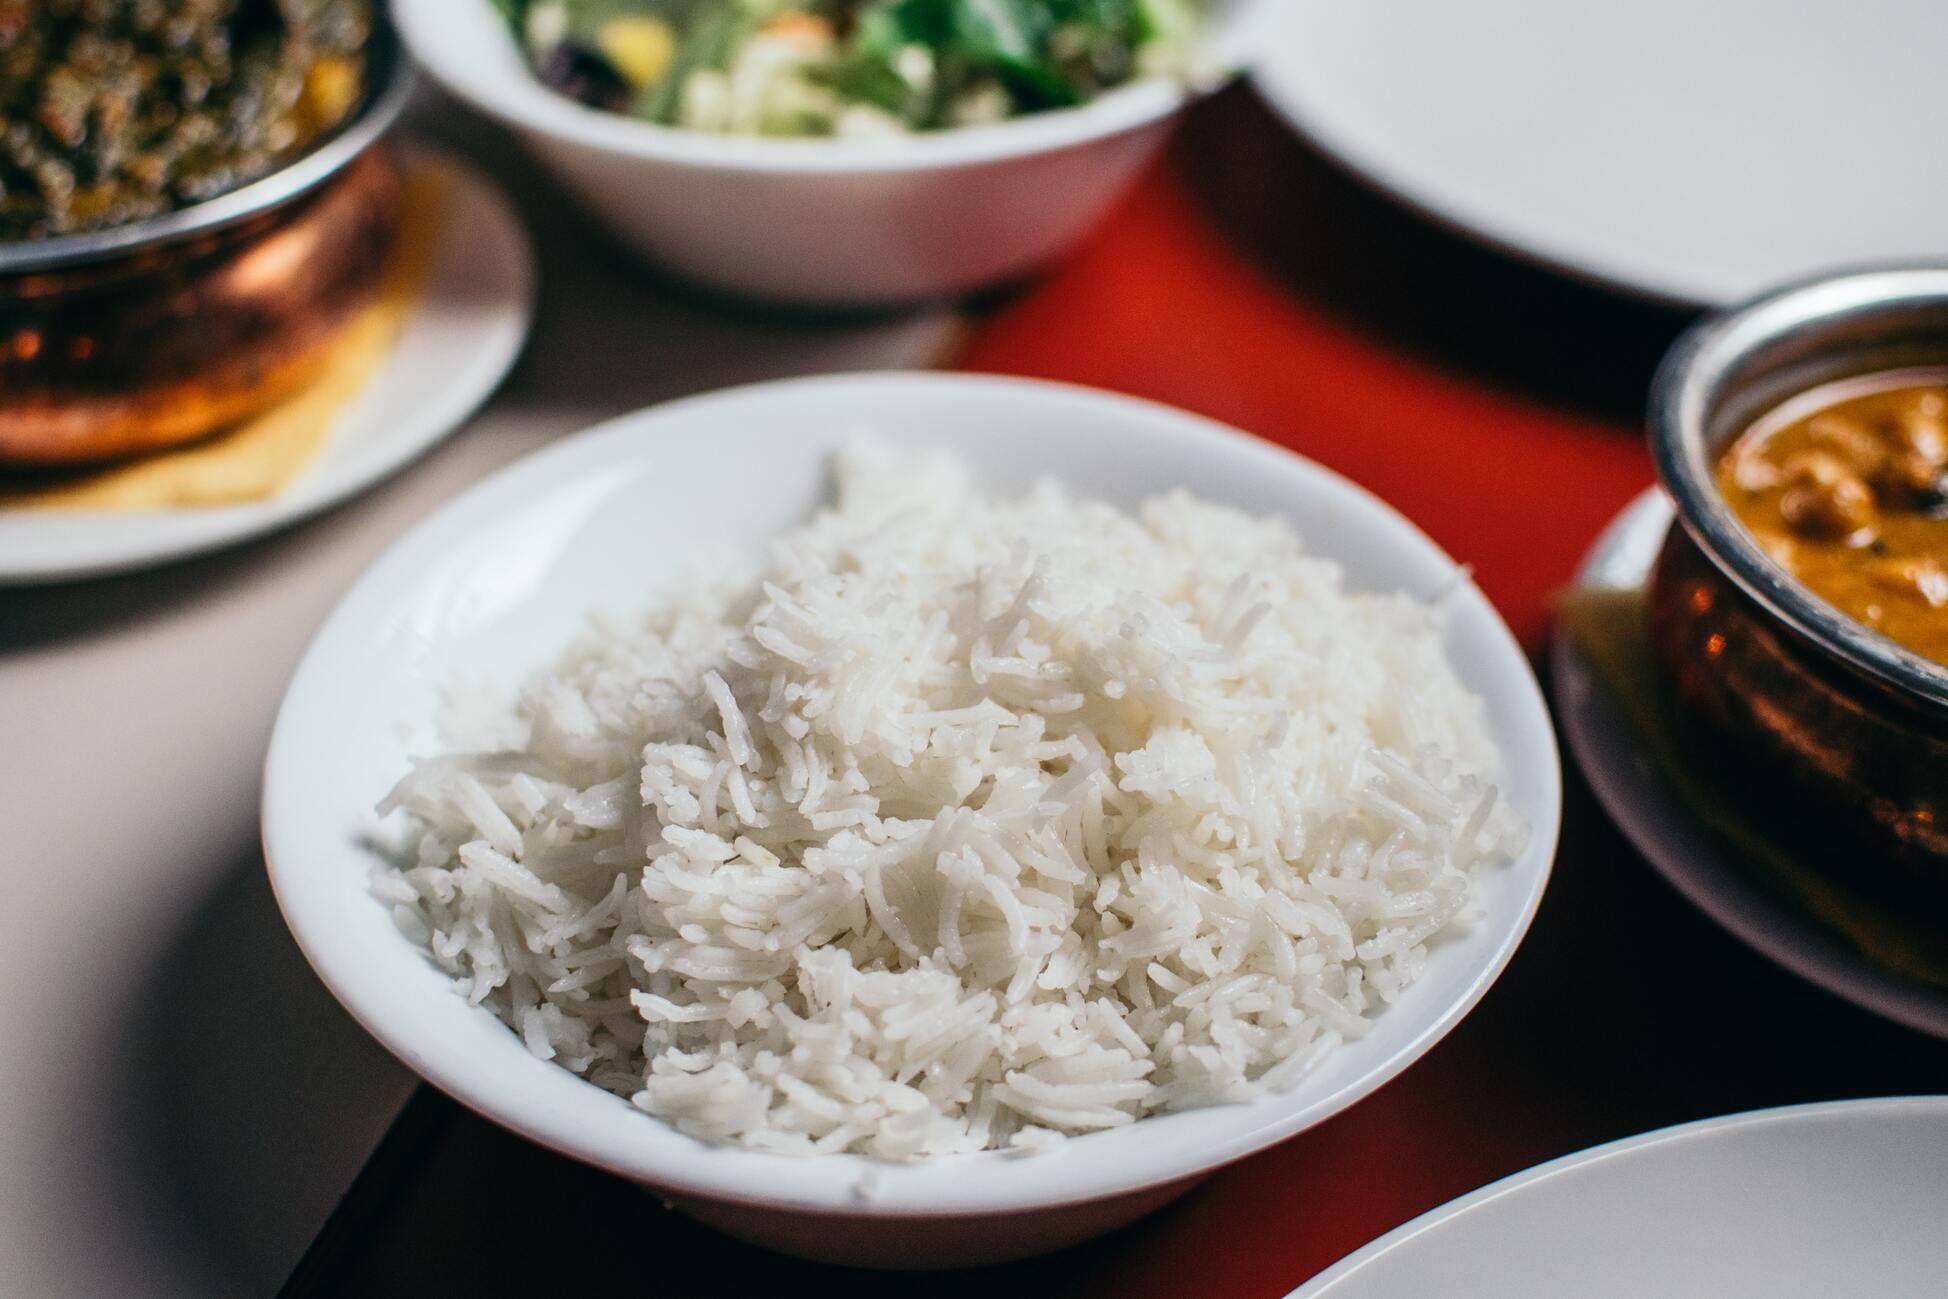 Virti ryžiai lėkštėje